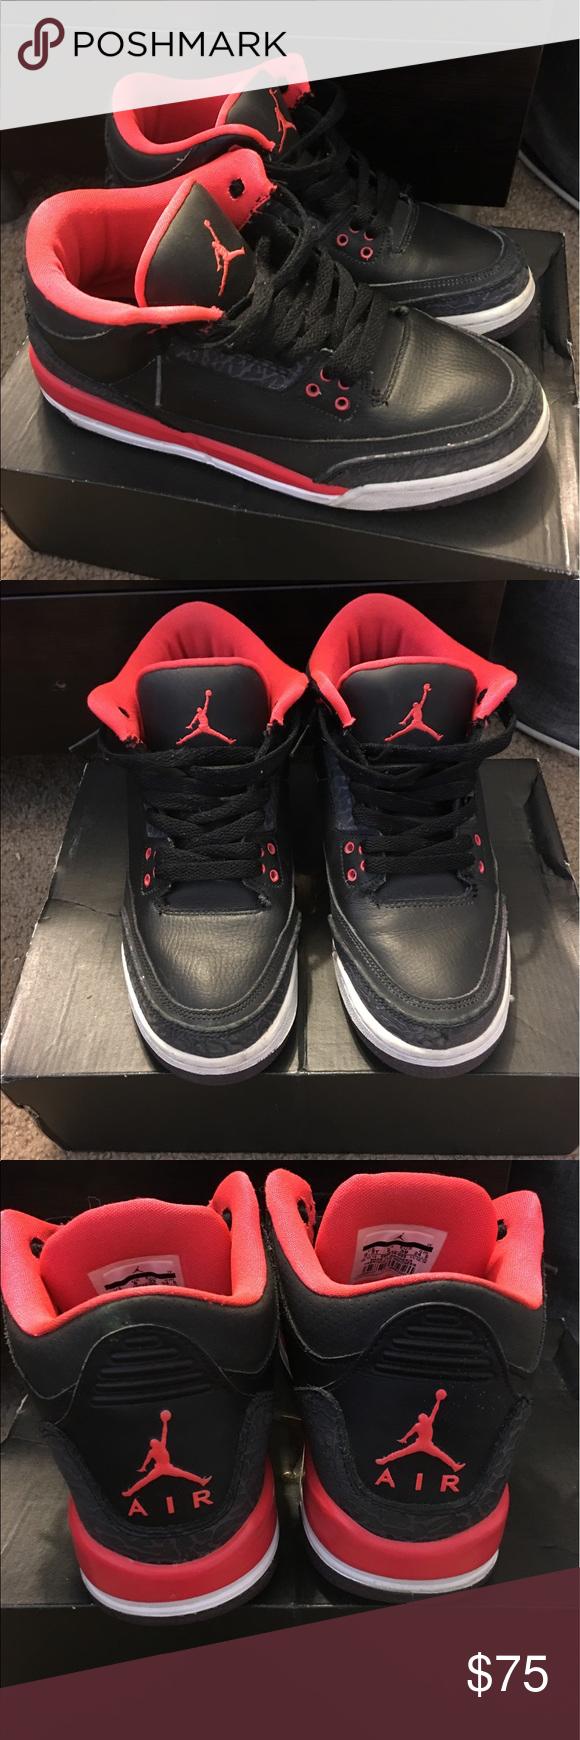 Air Jordan 3 GS size 6.5 Air jordans, Jordan 3, Air